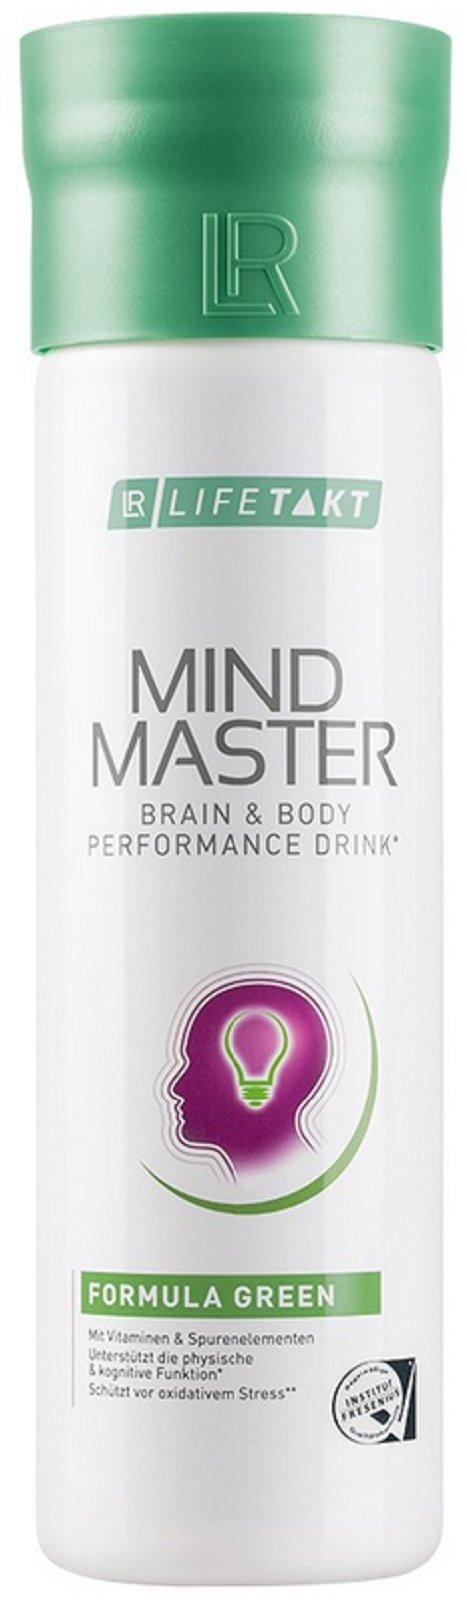 LR LIFETAKT Mind Master Performance Drink Formula Green Supplements 500 ml